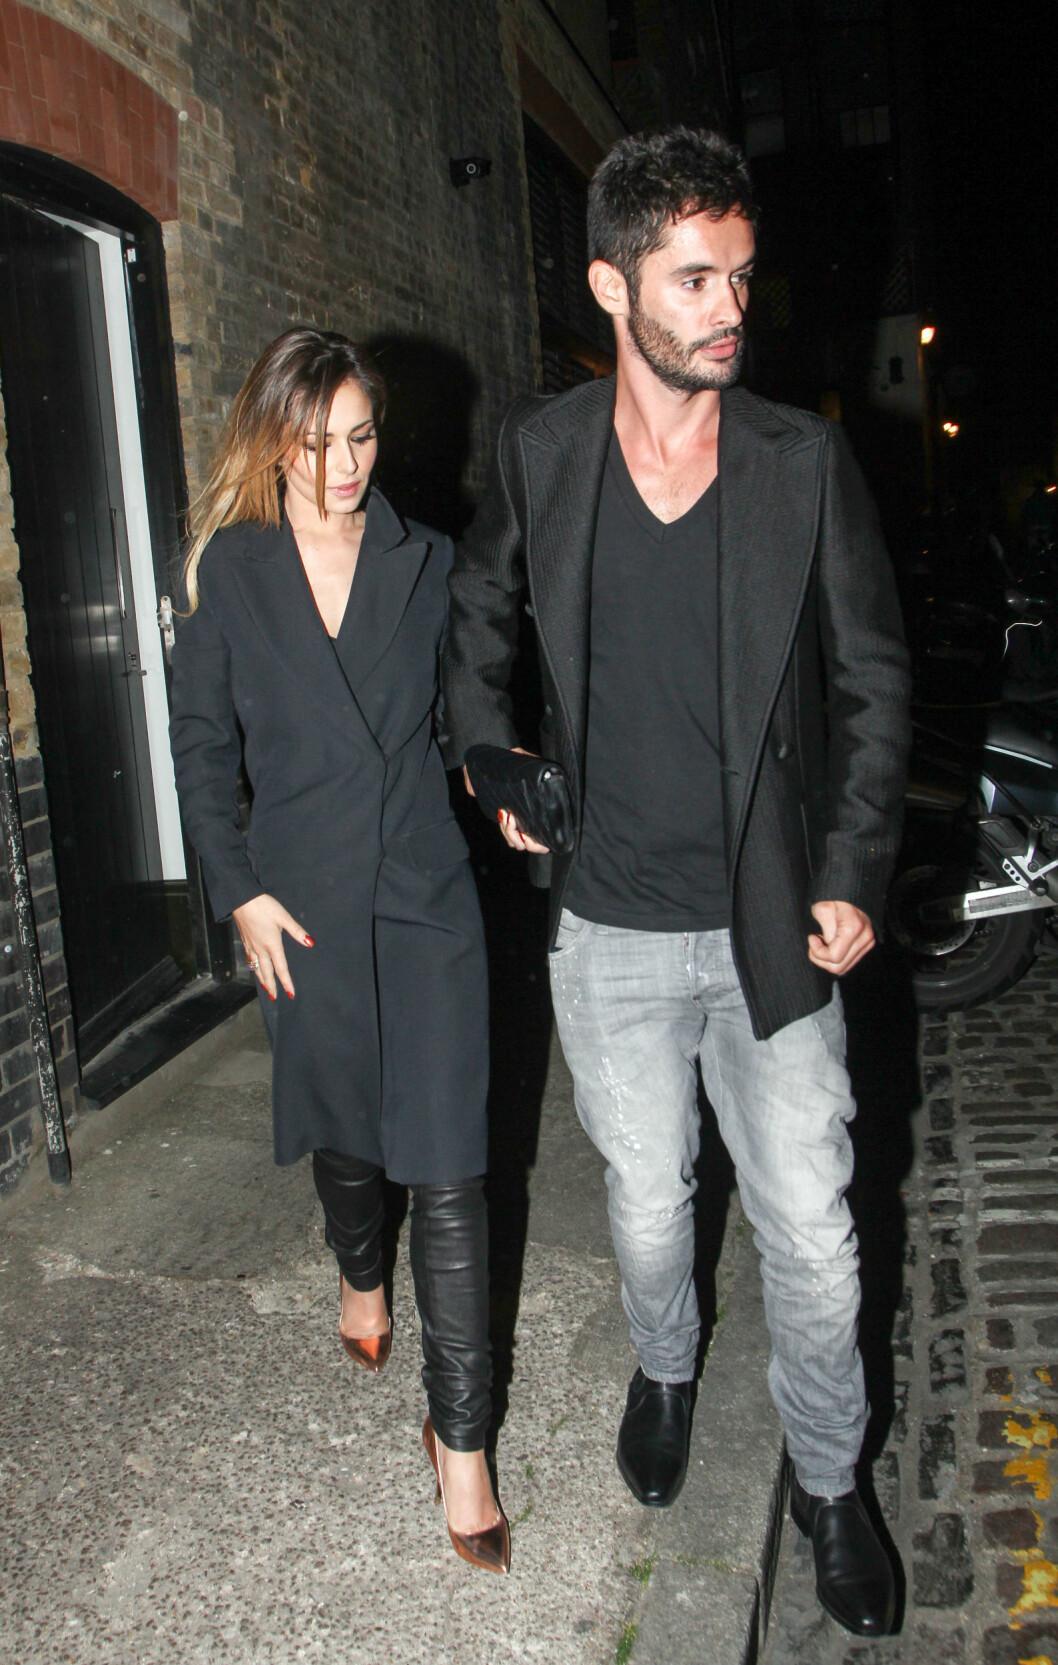 NYTT PAR: Cheryl Cole var i forrige uke på date med sin nye kjæreste Jean-Bernard Fernandez-Versini.  Foto: Splash News/ All Over Press